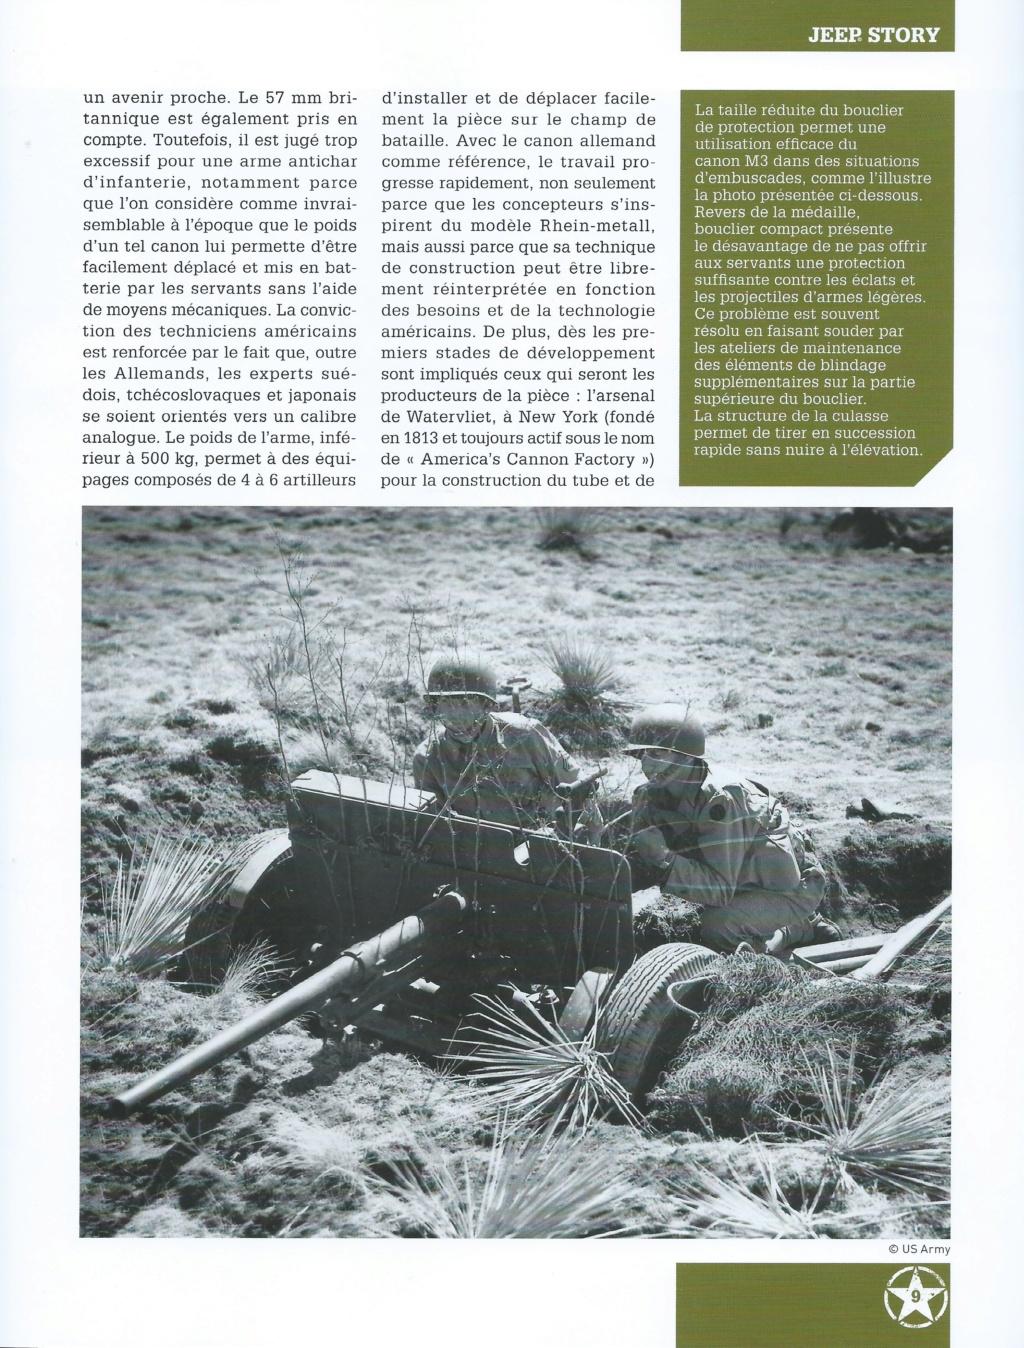 Jeep Willis Hachette au 1/8 [Partie II] - Page 3 Articl19